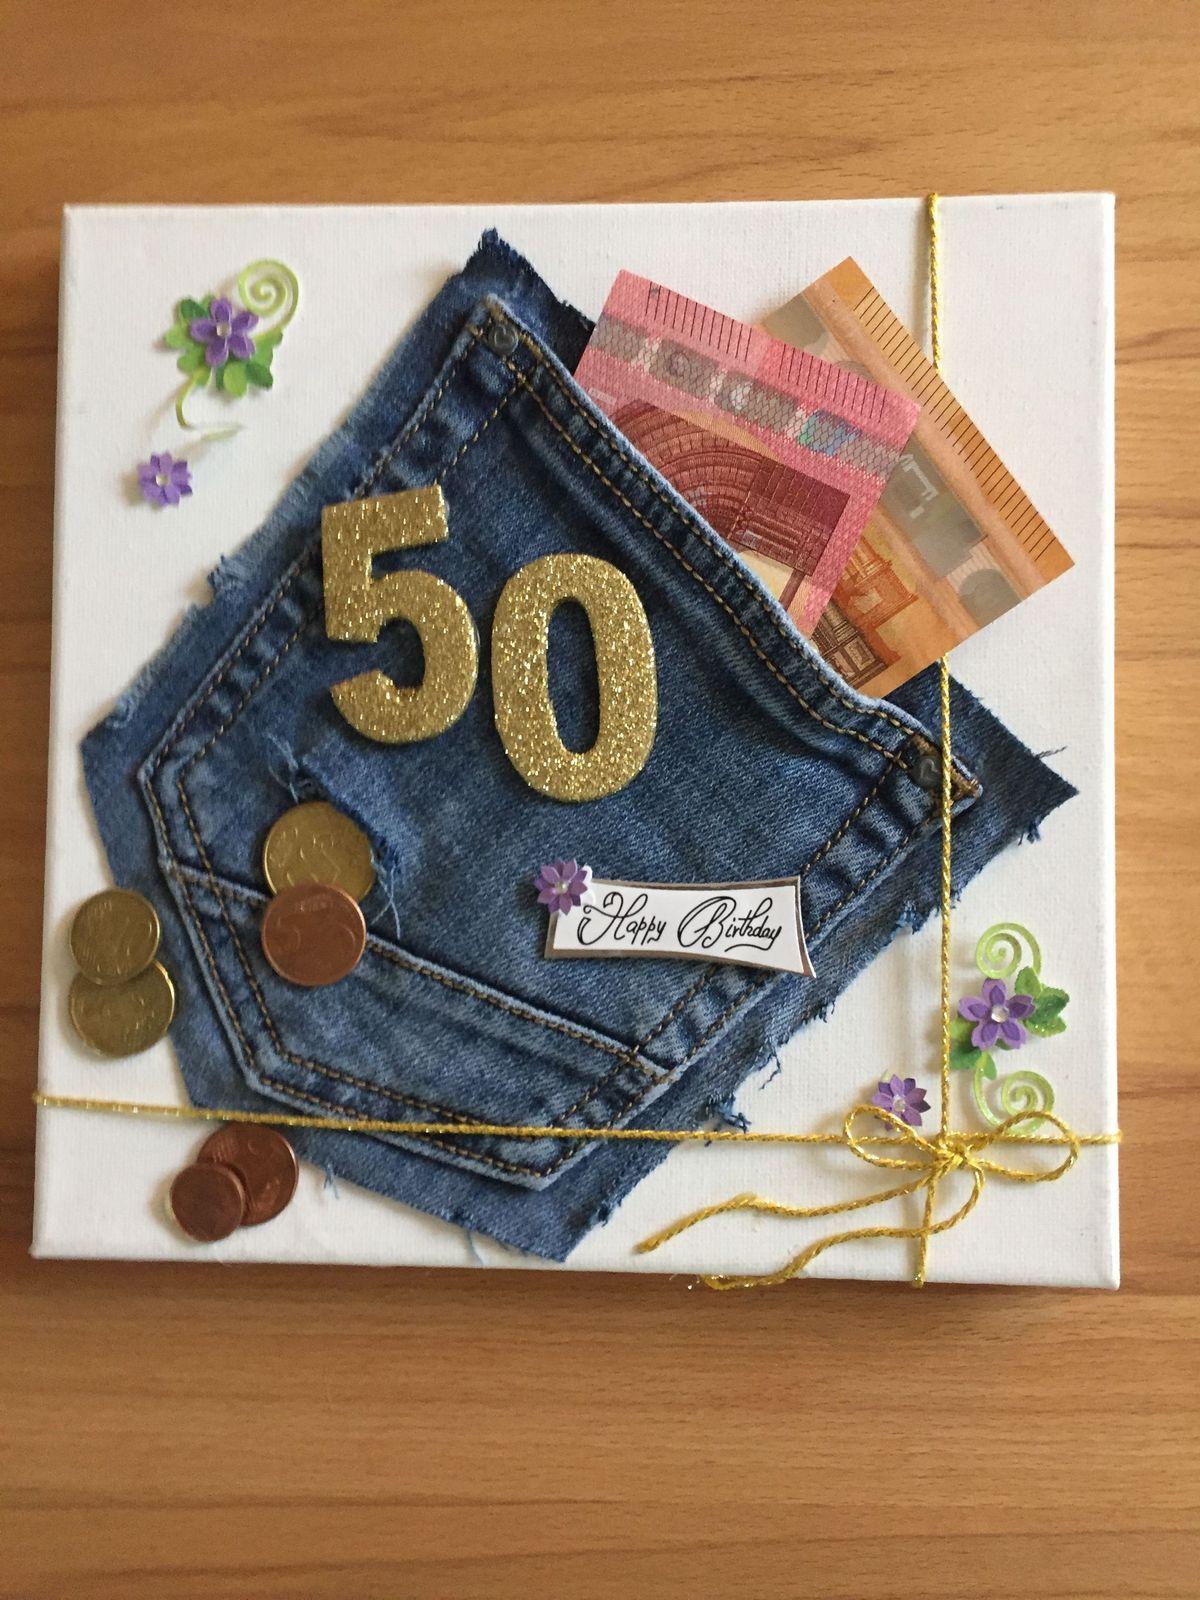 50 geburtstag geschenk